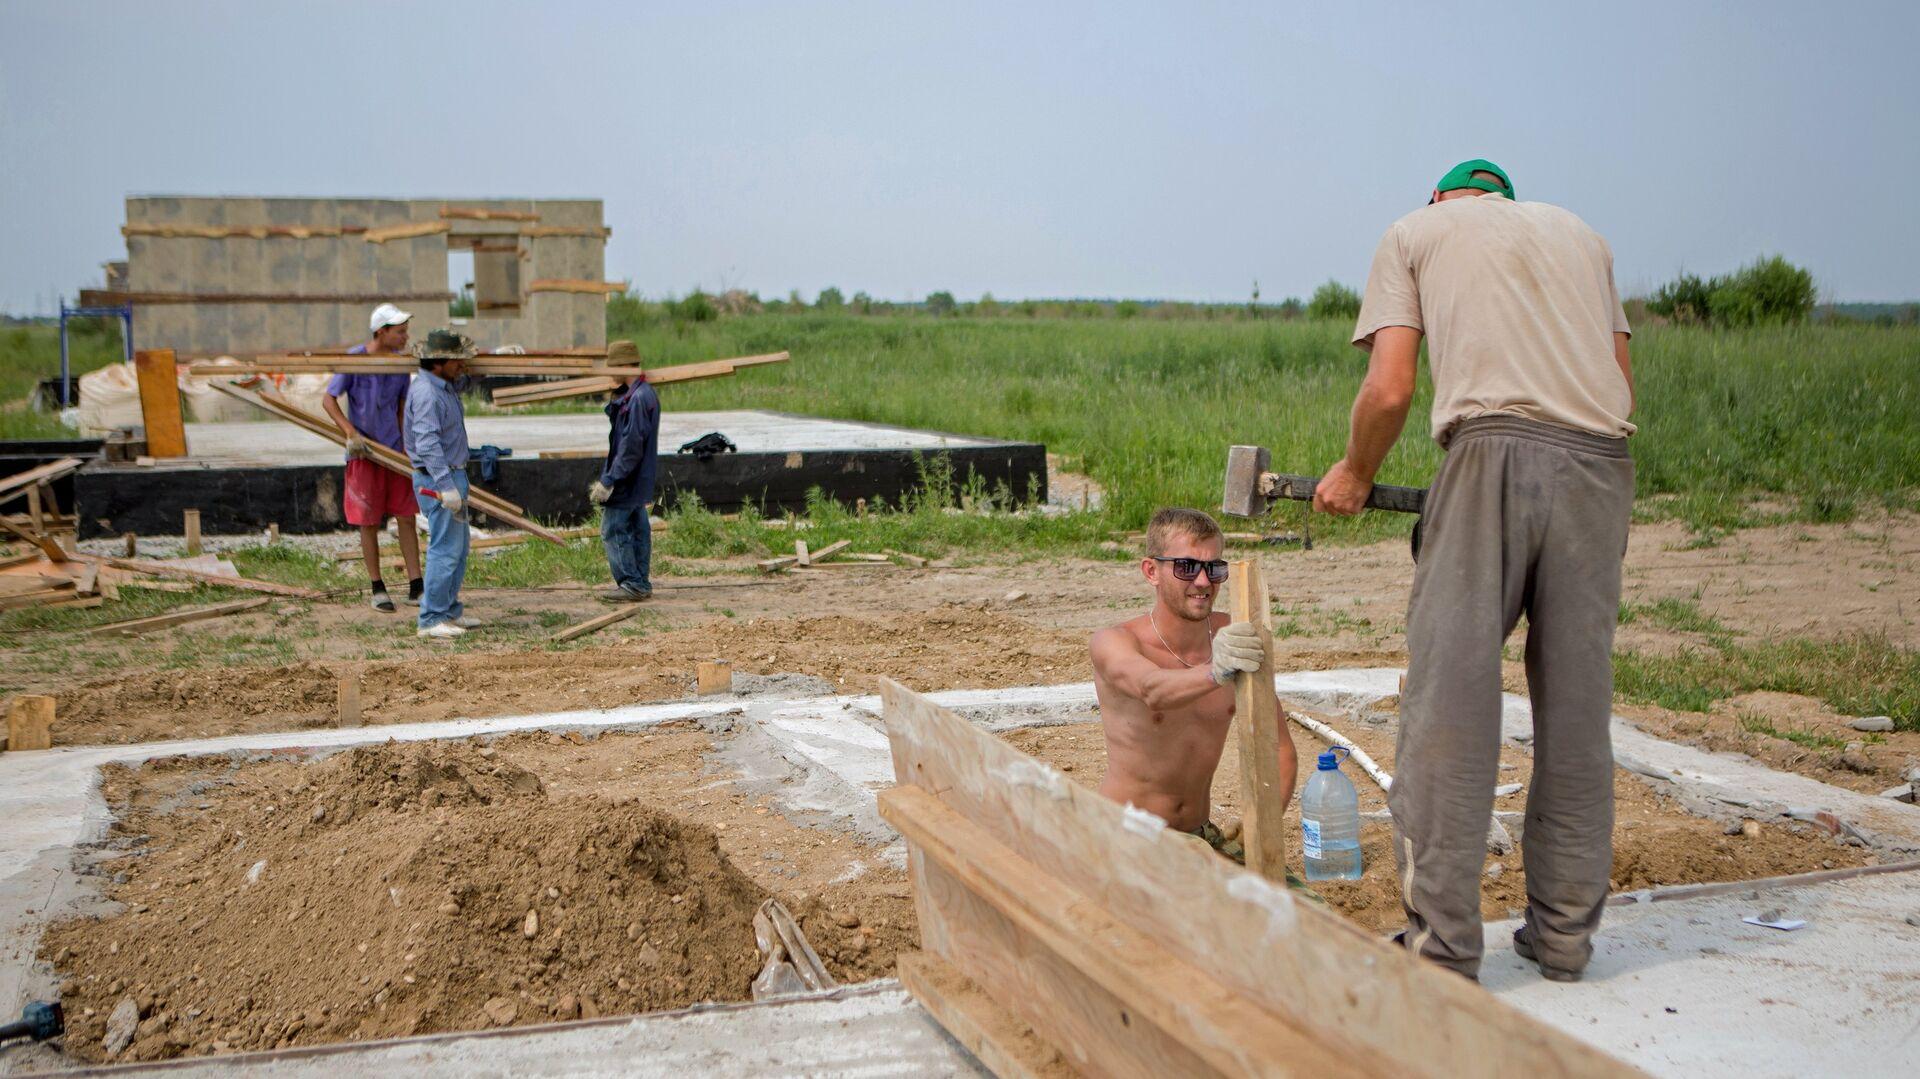 Cтроительство домов в сельской местности - РИА Новости, 1920, 15.07.2020